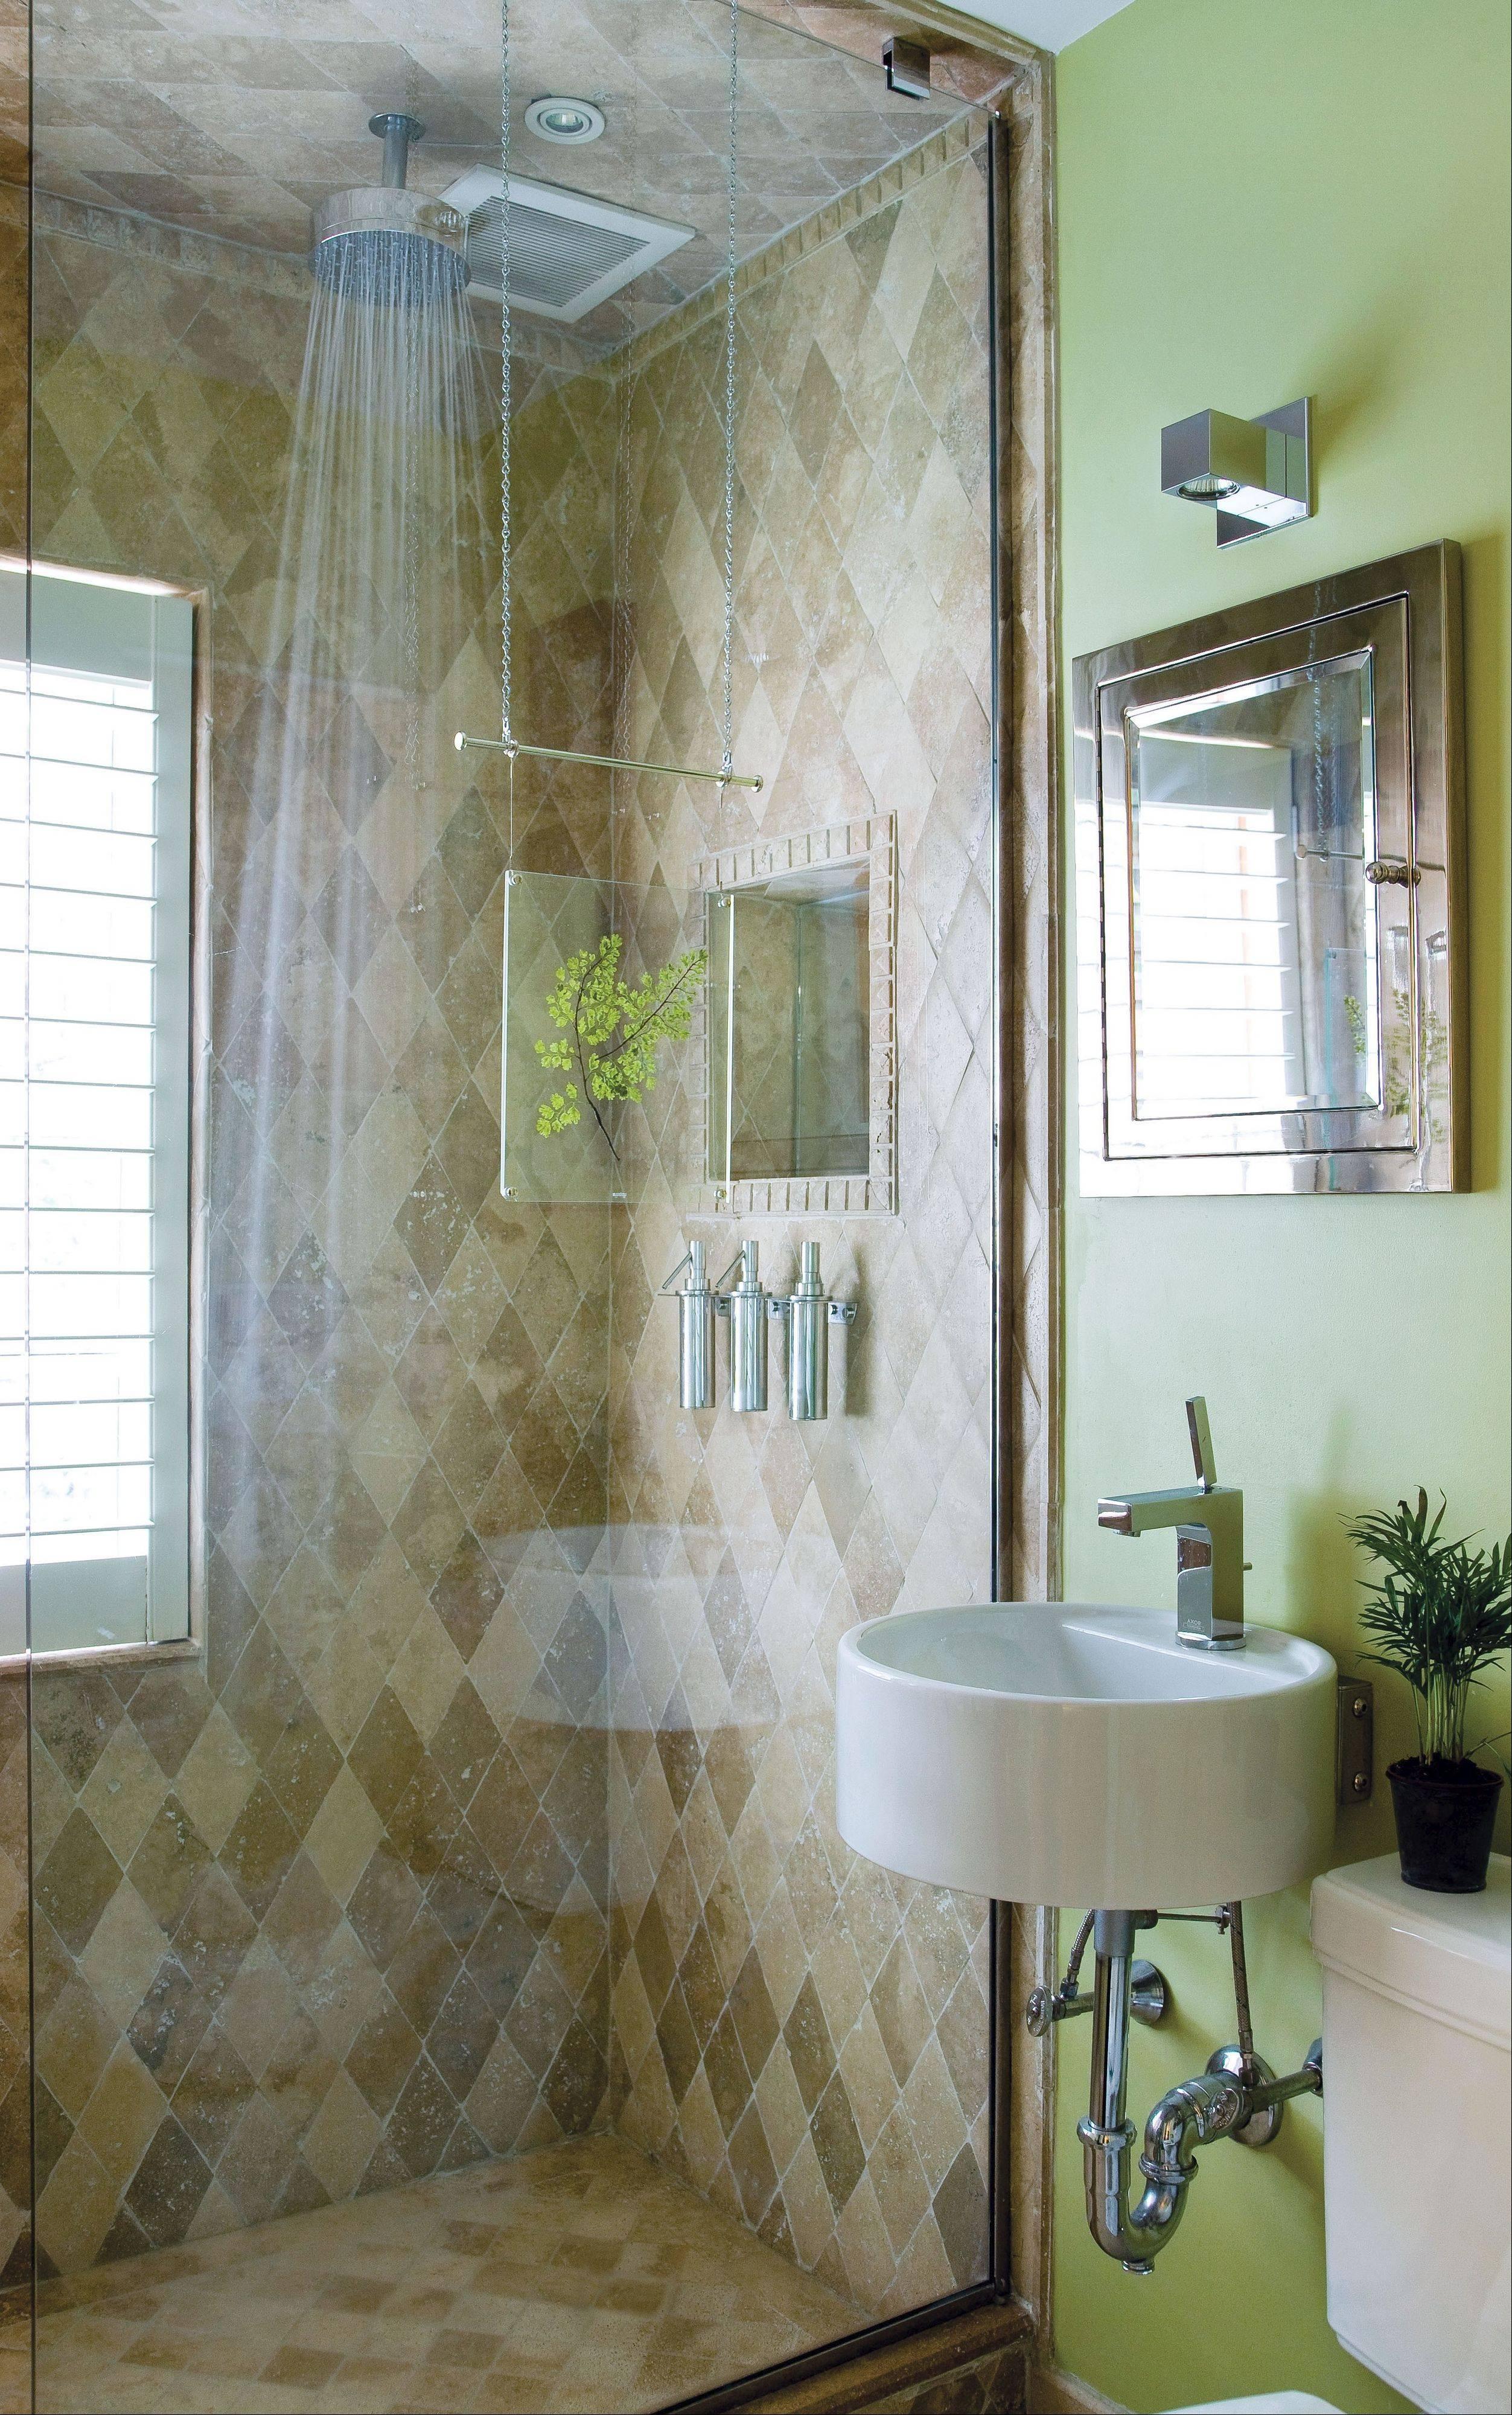 Six design choices for an easytoclean bathroom